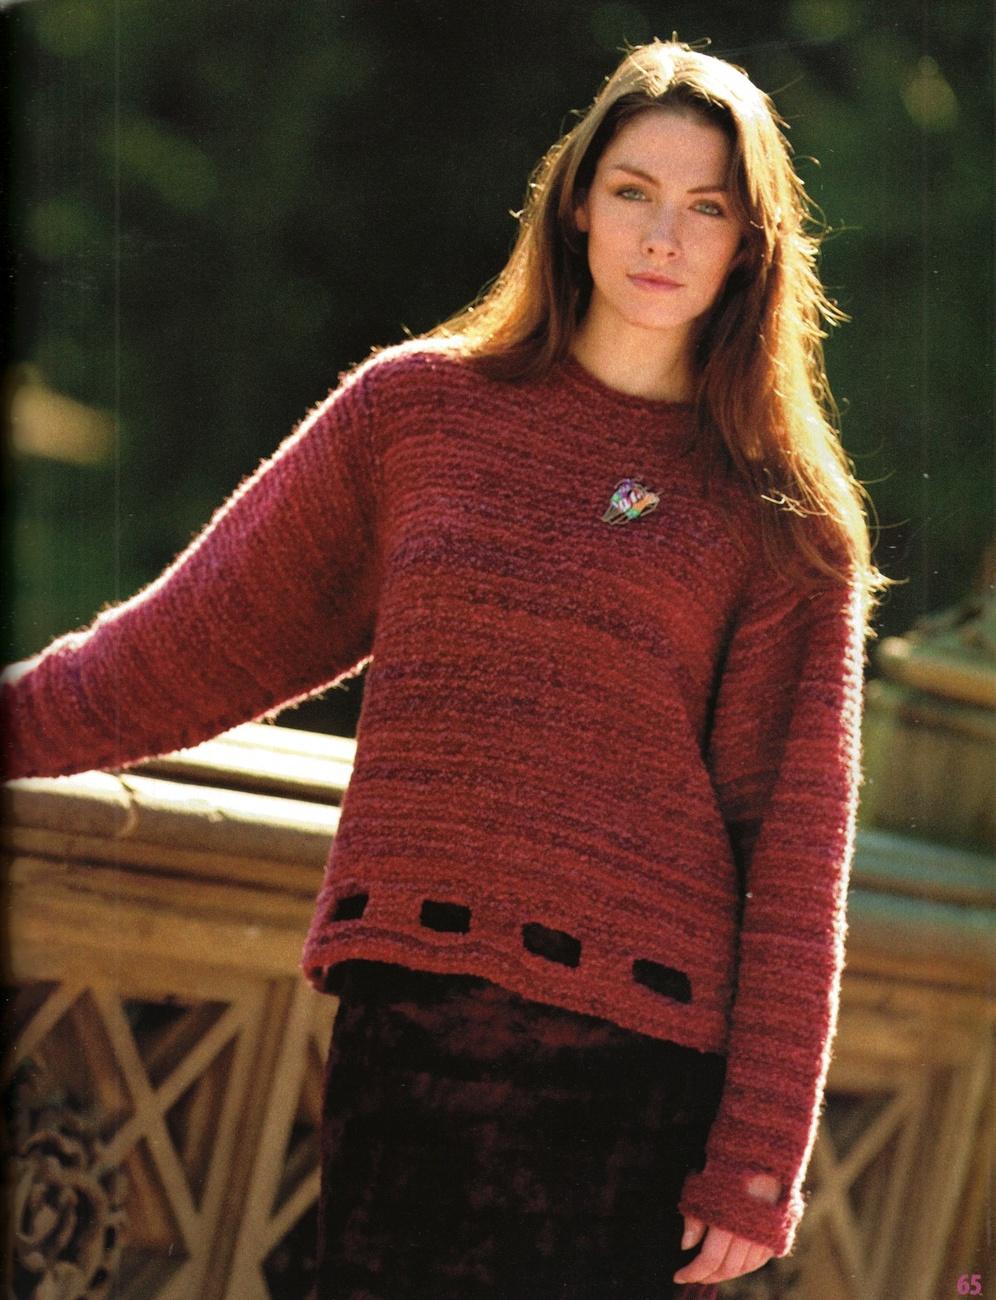 Kimono Scarf Knitting Pattern : Knitters #76 Fall 2004 Boho Jackets Poncho Kimono Hats Scarf Knitting Pa...